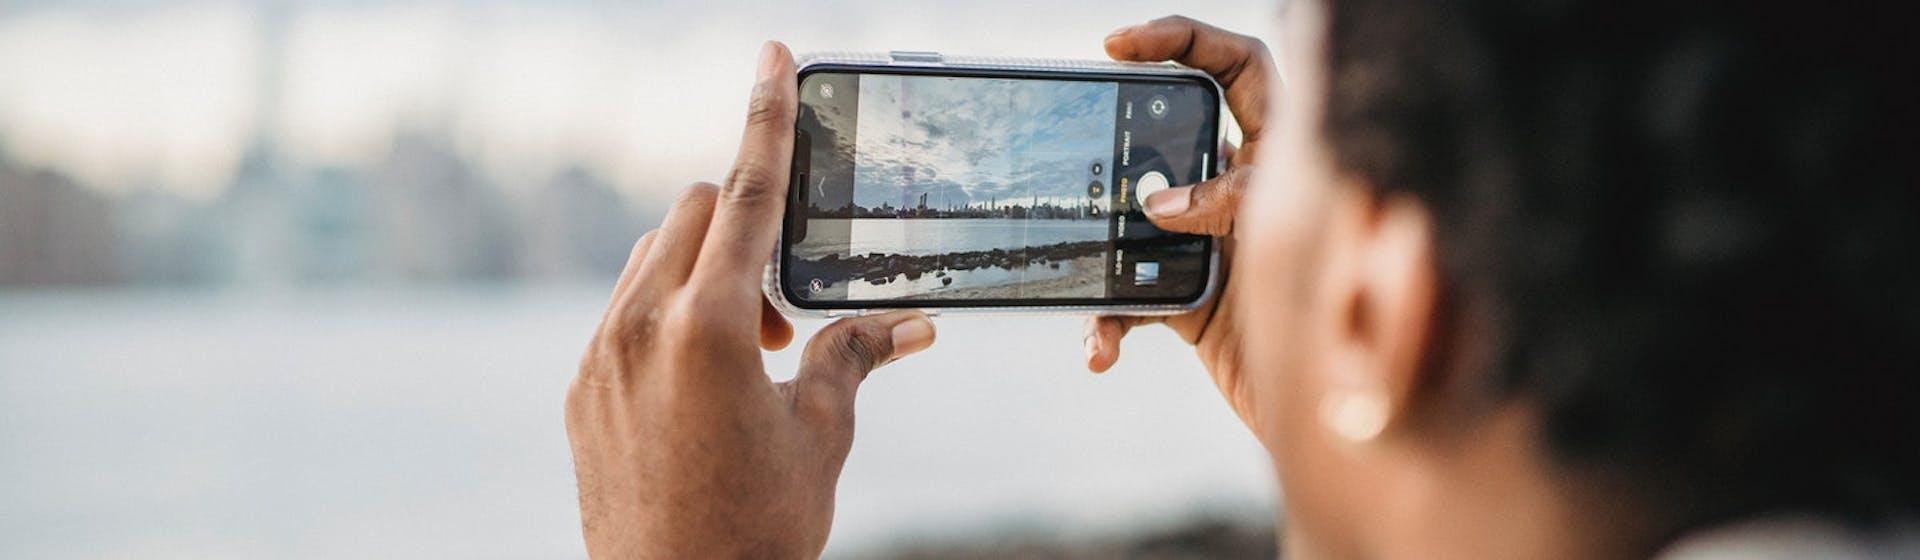 Google Lens: el lector inteligente que te ayudará a reconocer el mundo en un clic